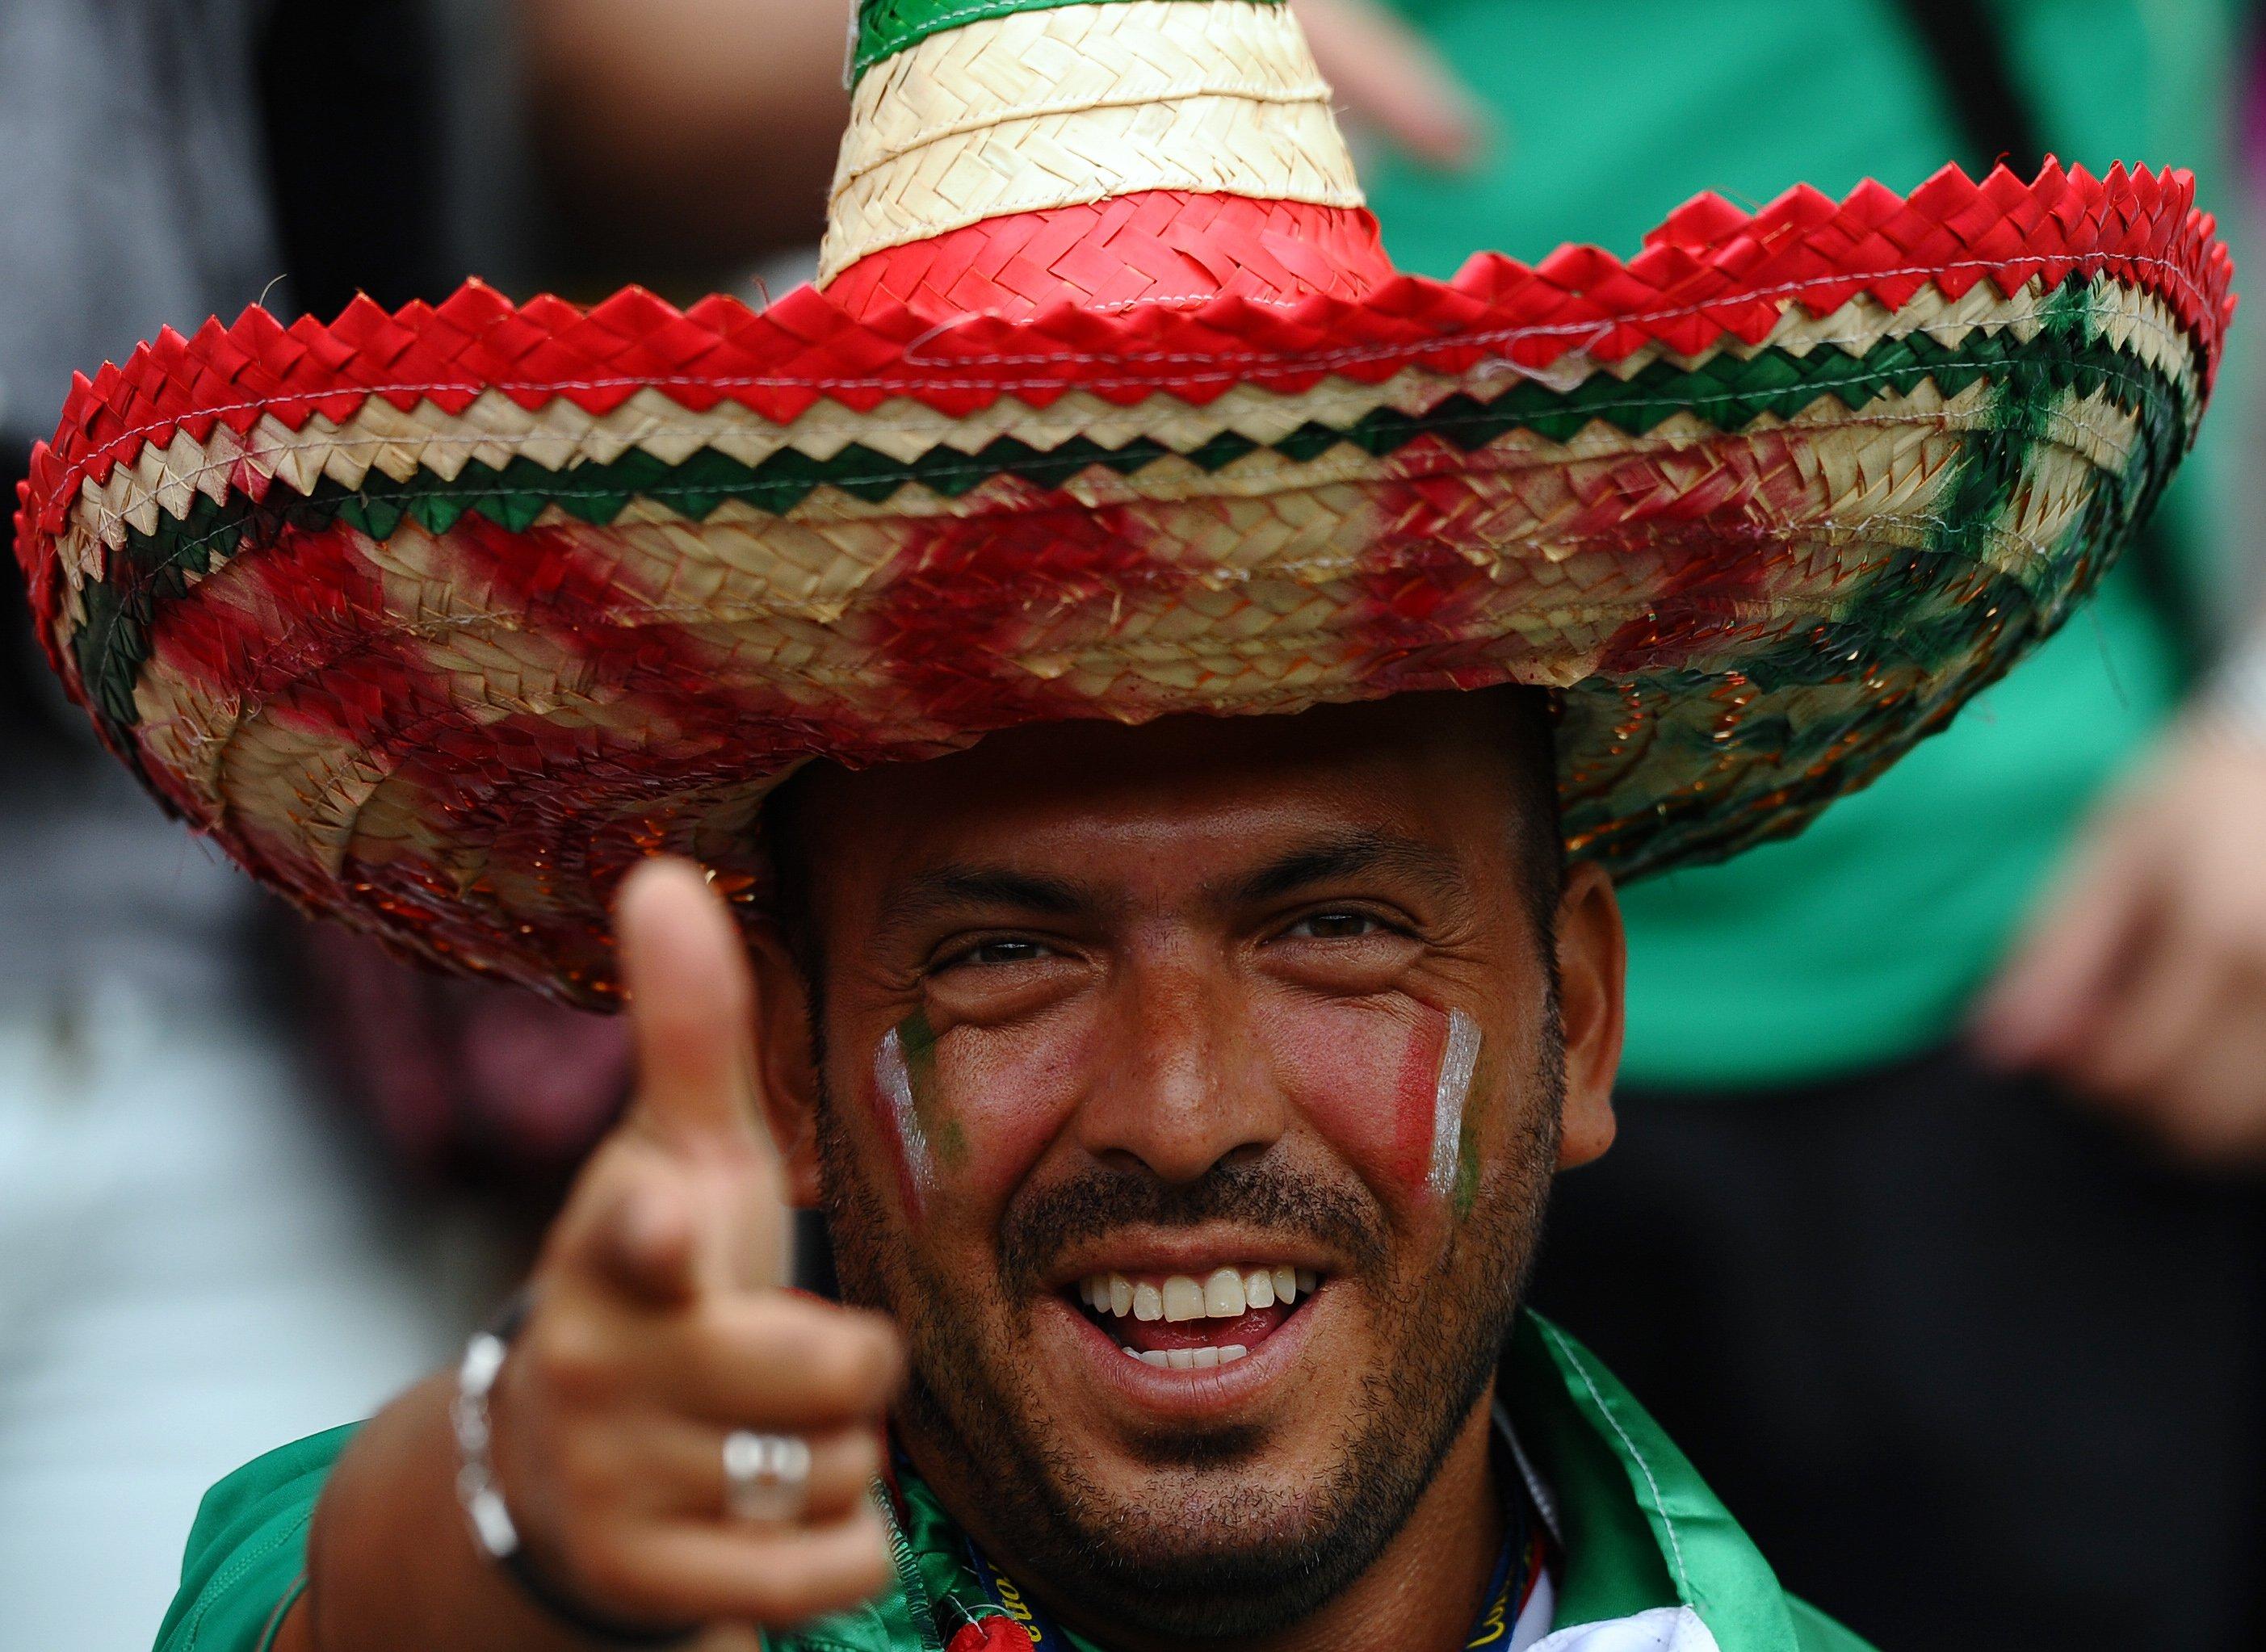 камни переодевают мексиканцы колоритные фото записи лазерное шоу